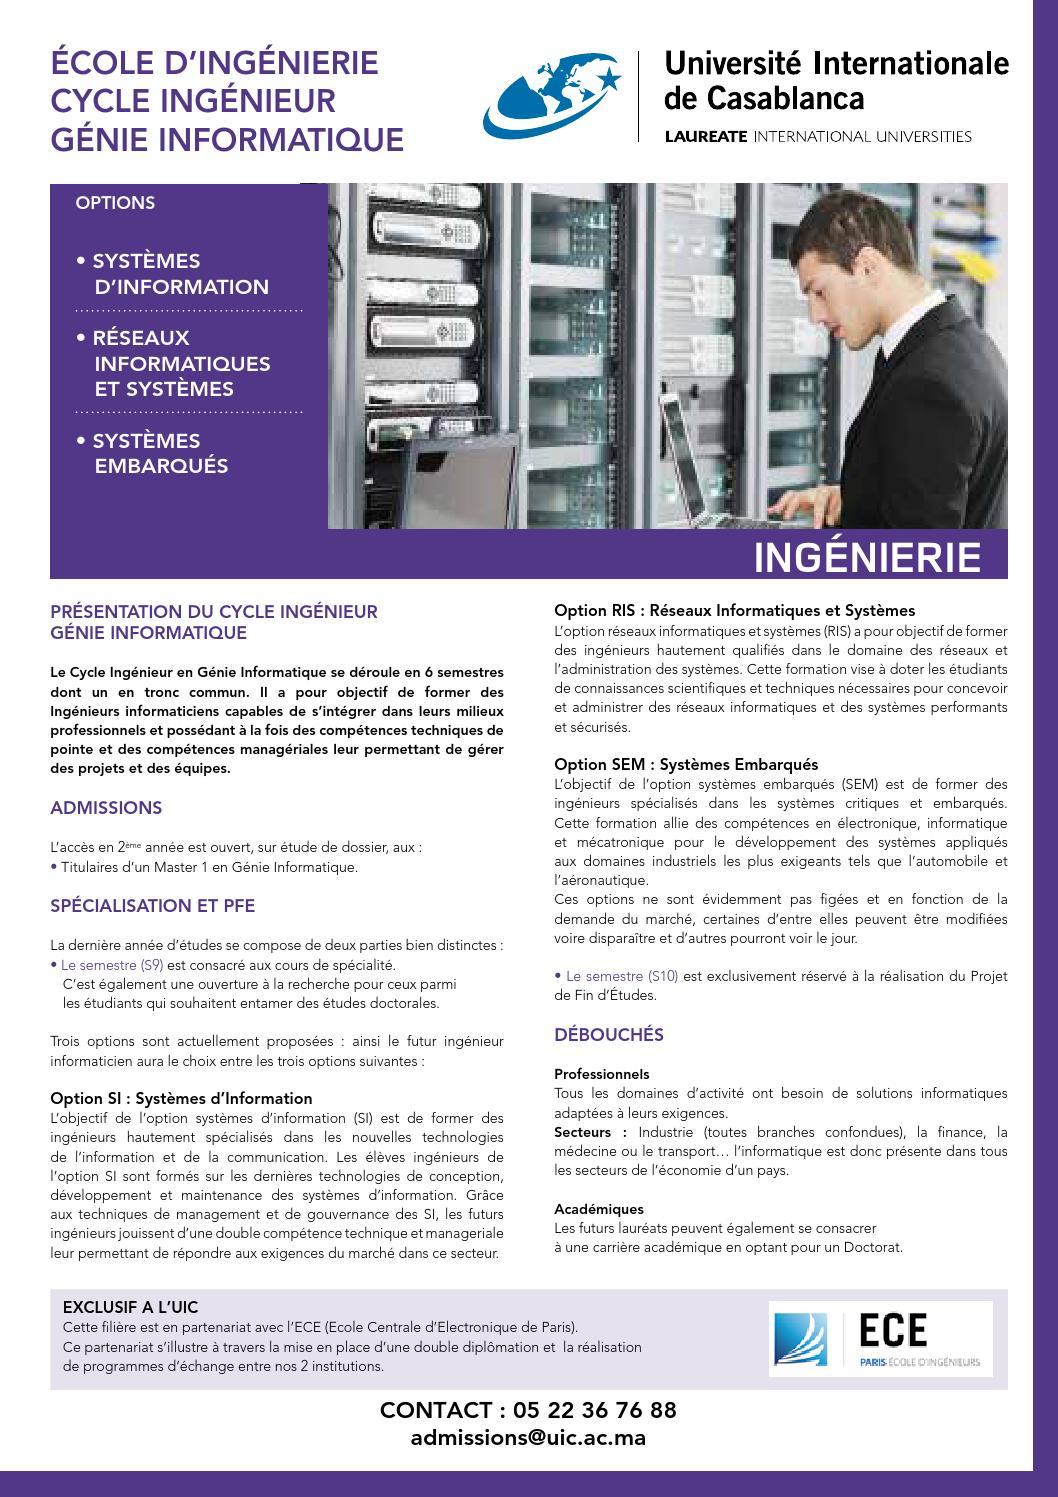 39775ece20a Génie informatique by Université Internationale de Casablanca - issuu